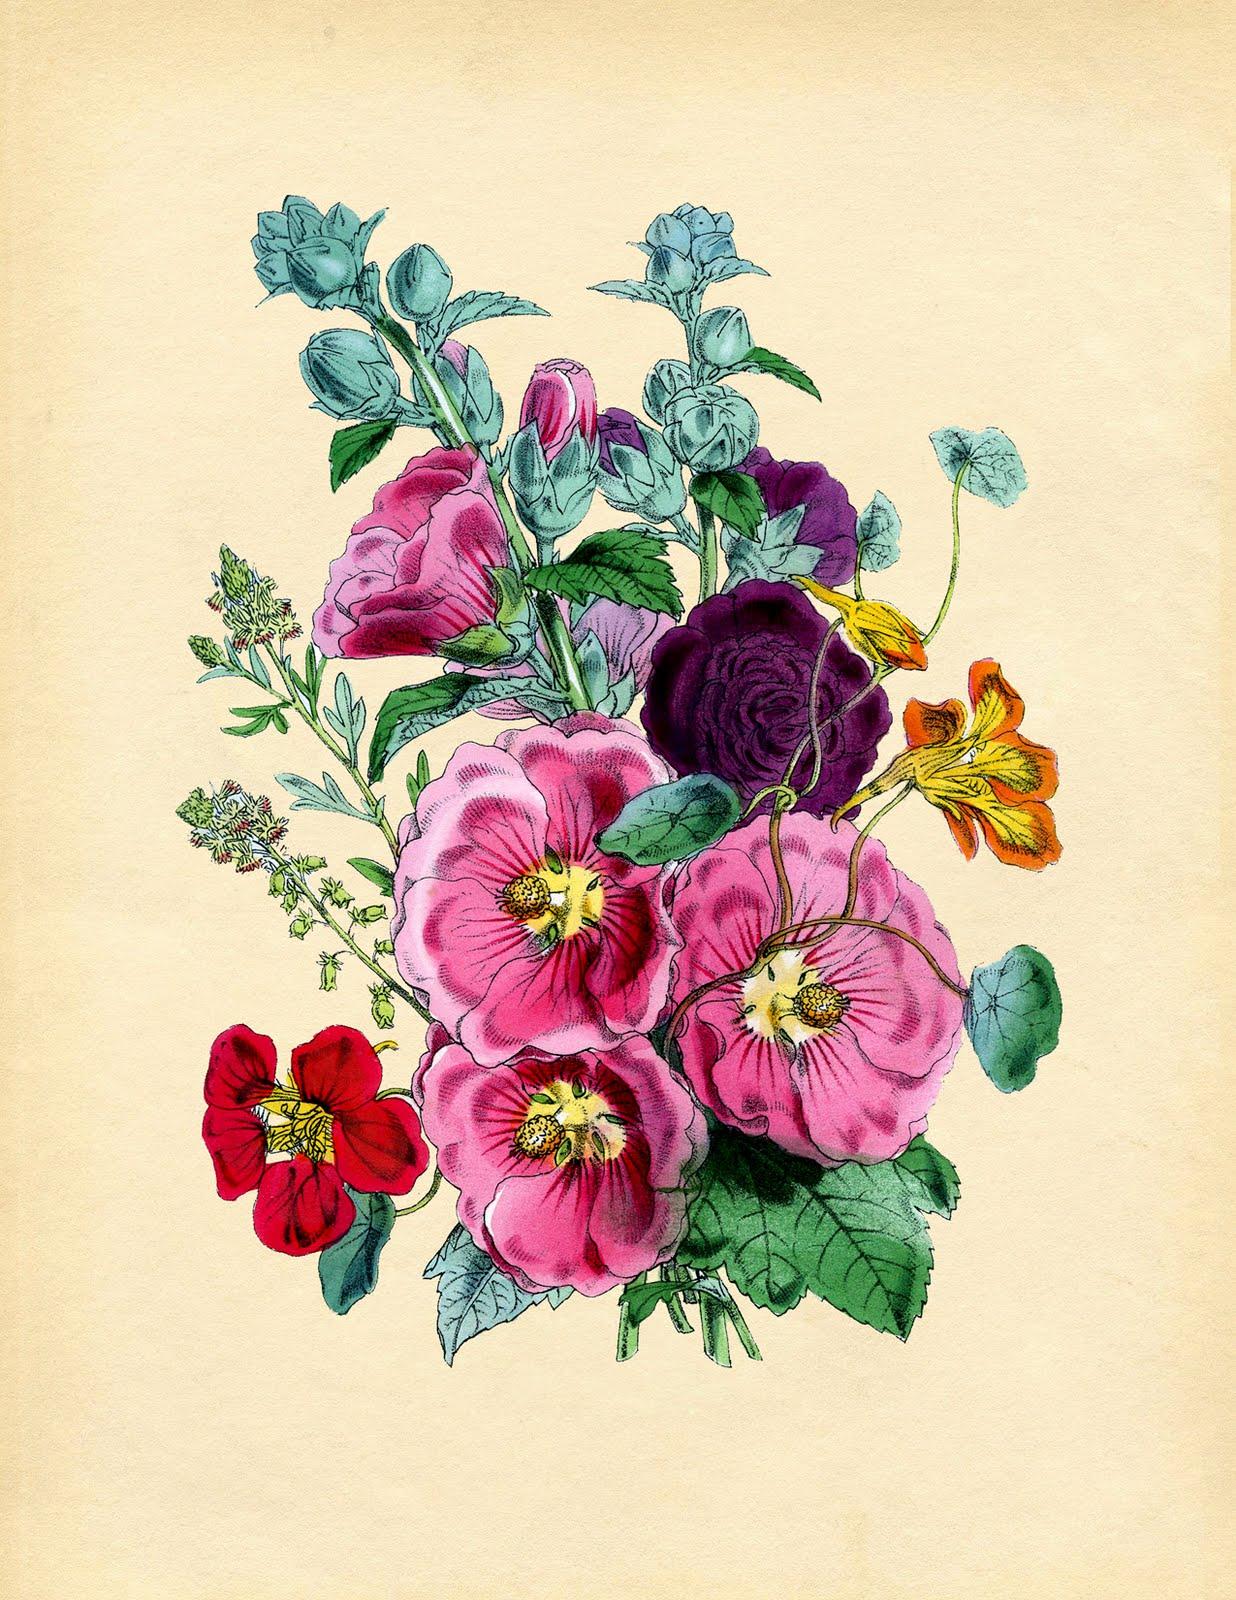 remodelaholic | 25 free printable vintage floral images